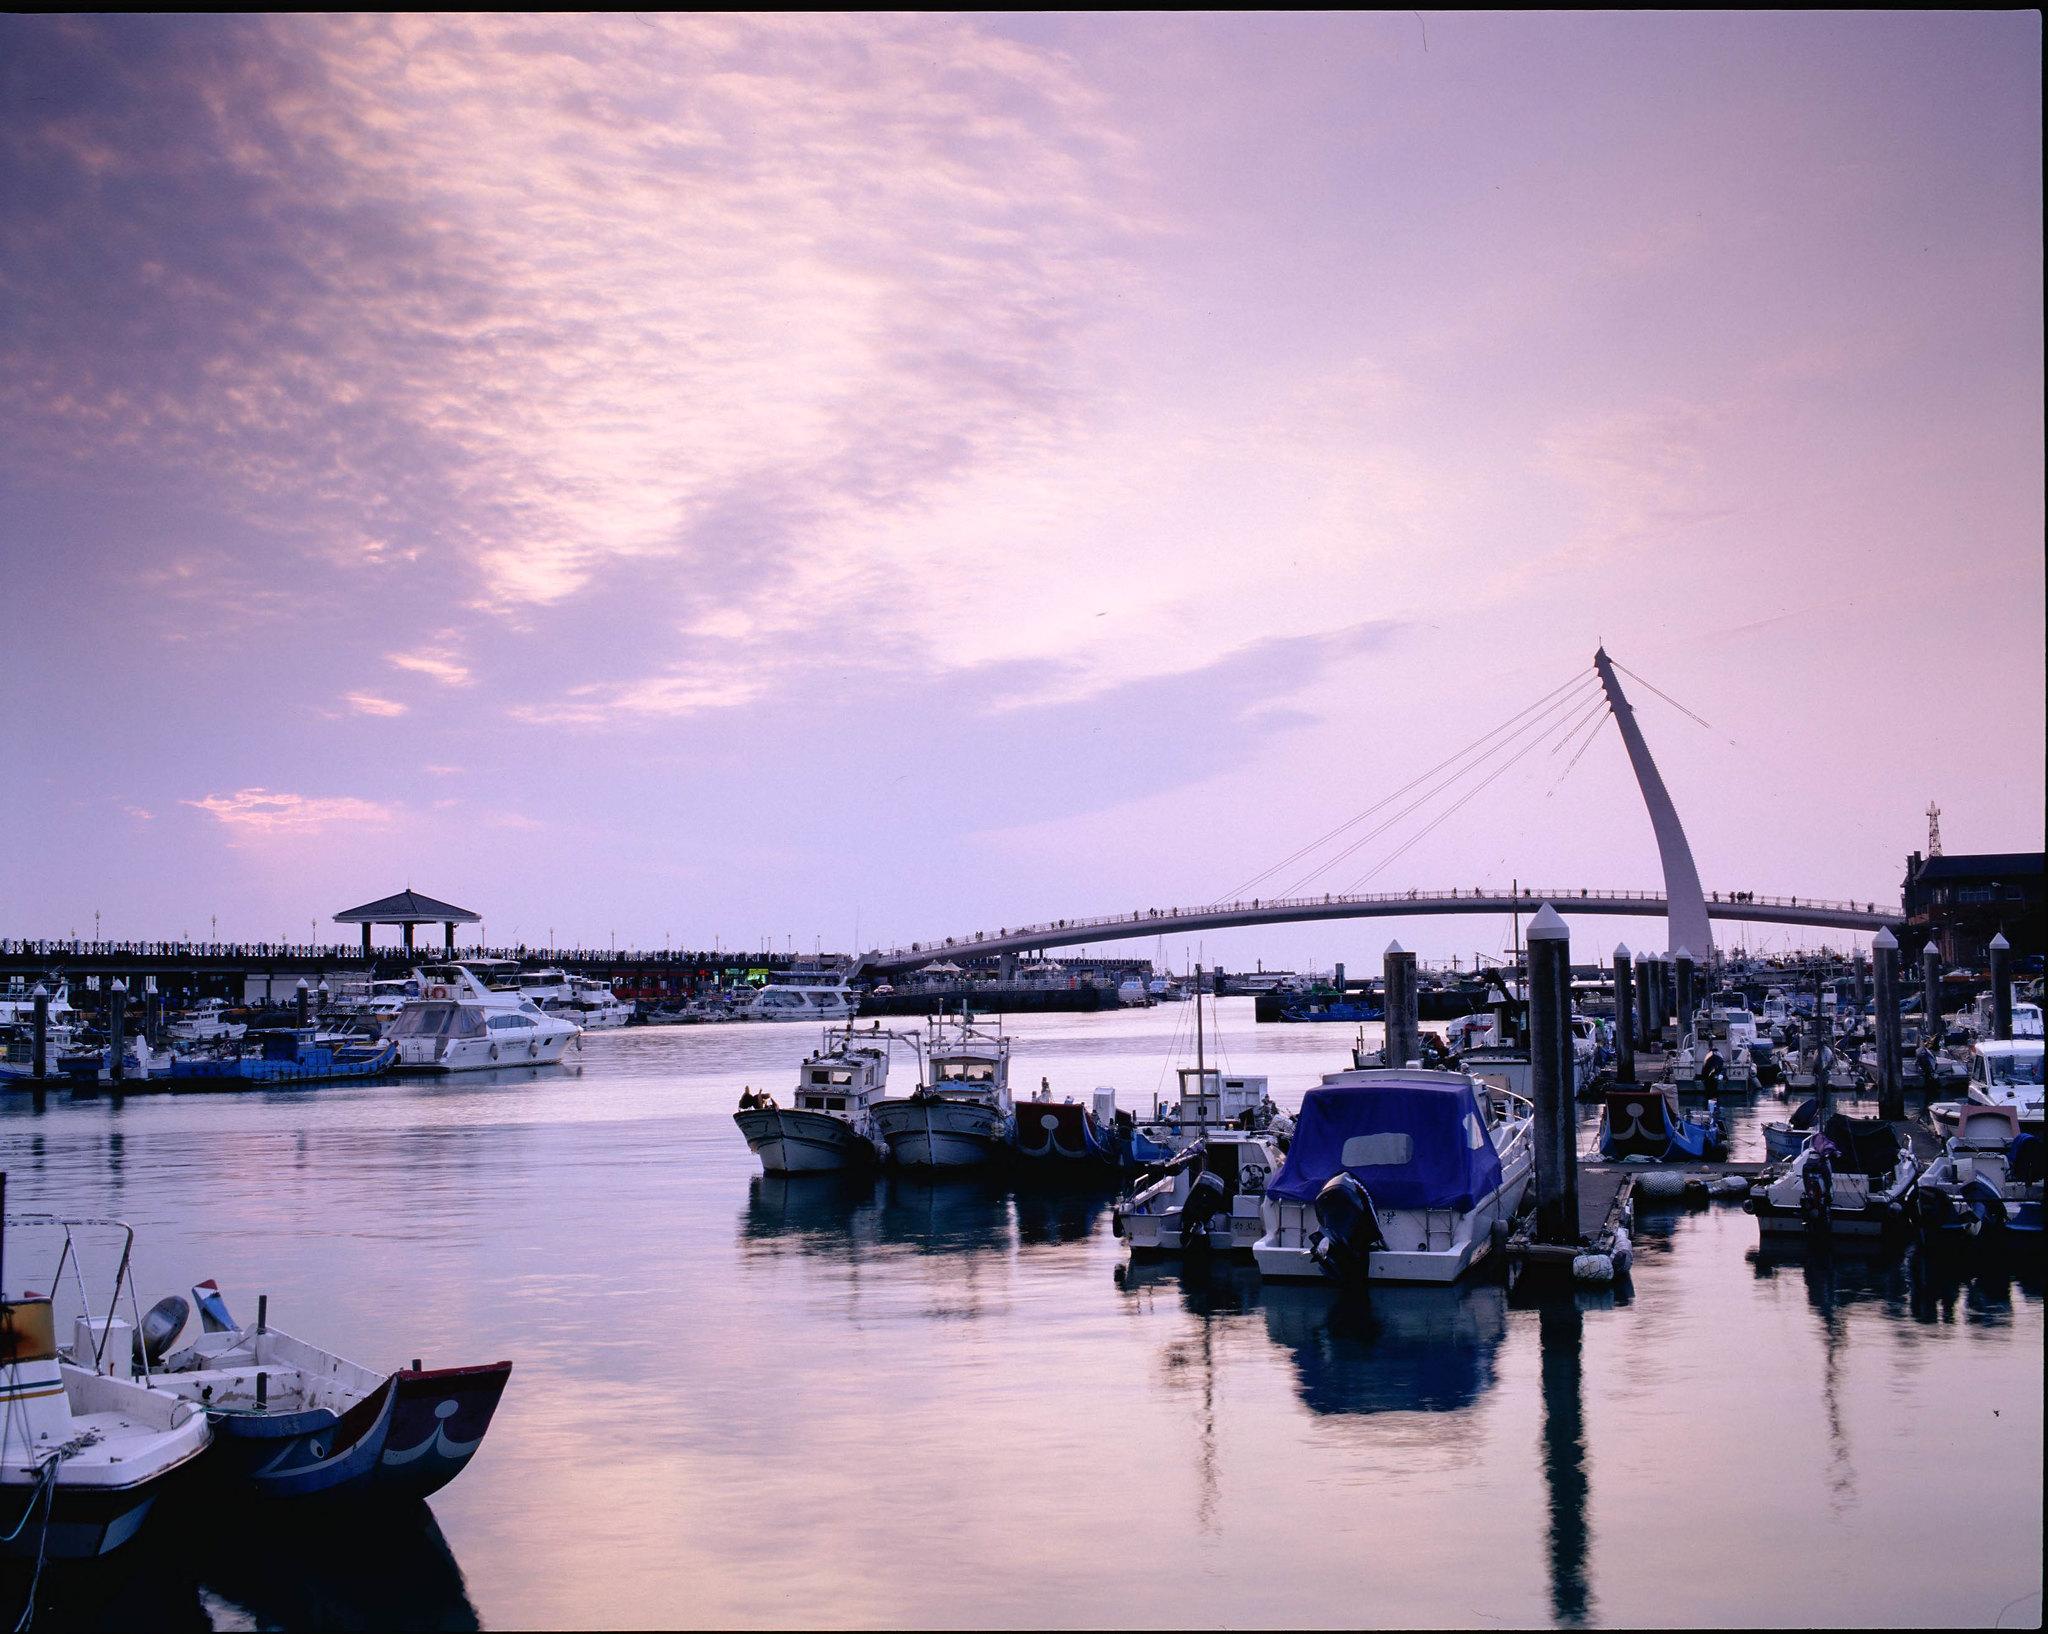 漁人碼頭  by Pntax 67 II